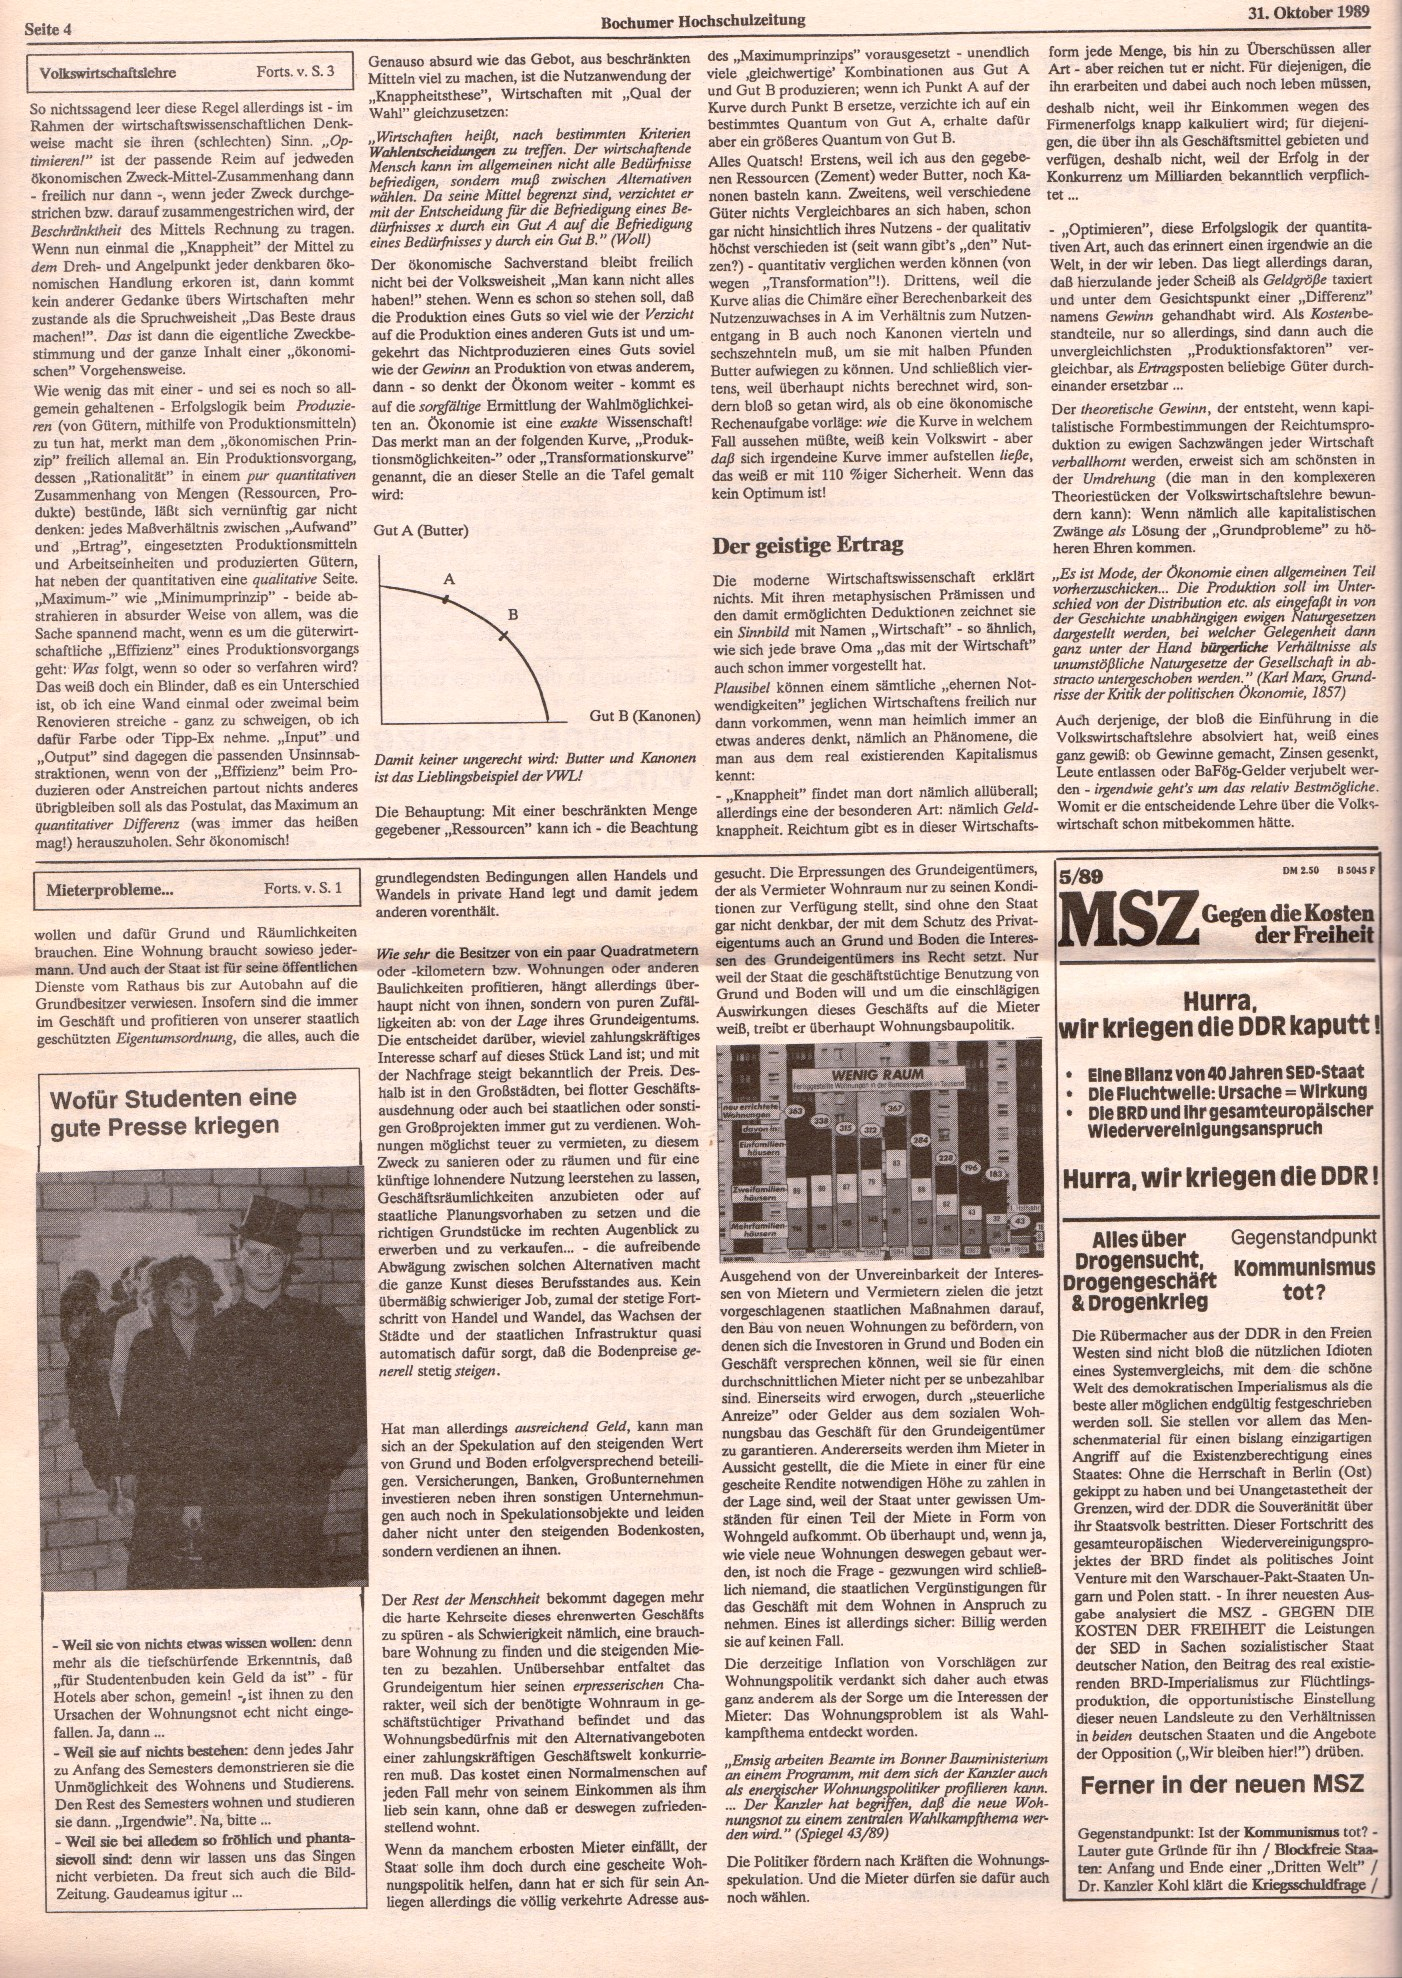 MG_Bochumer_Hochschulzeitung_19891031_04